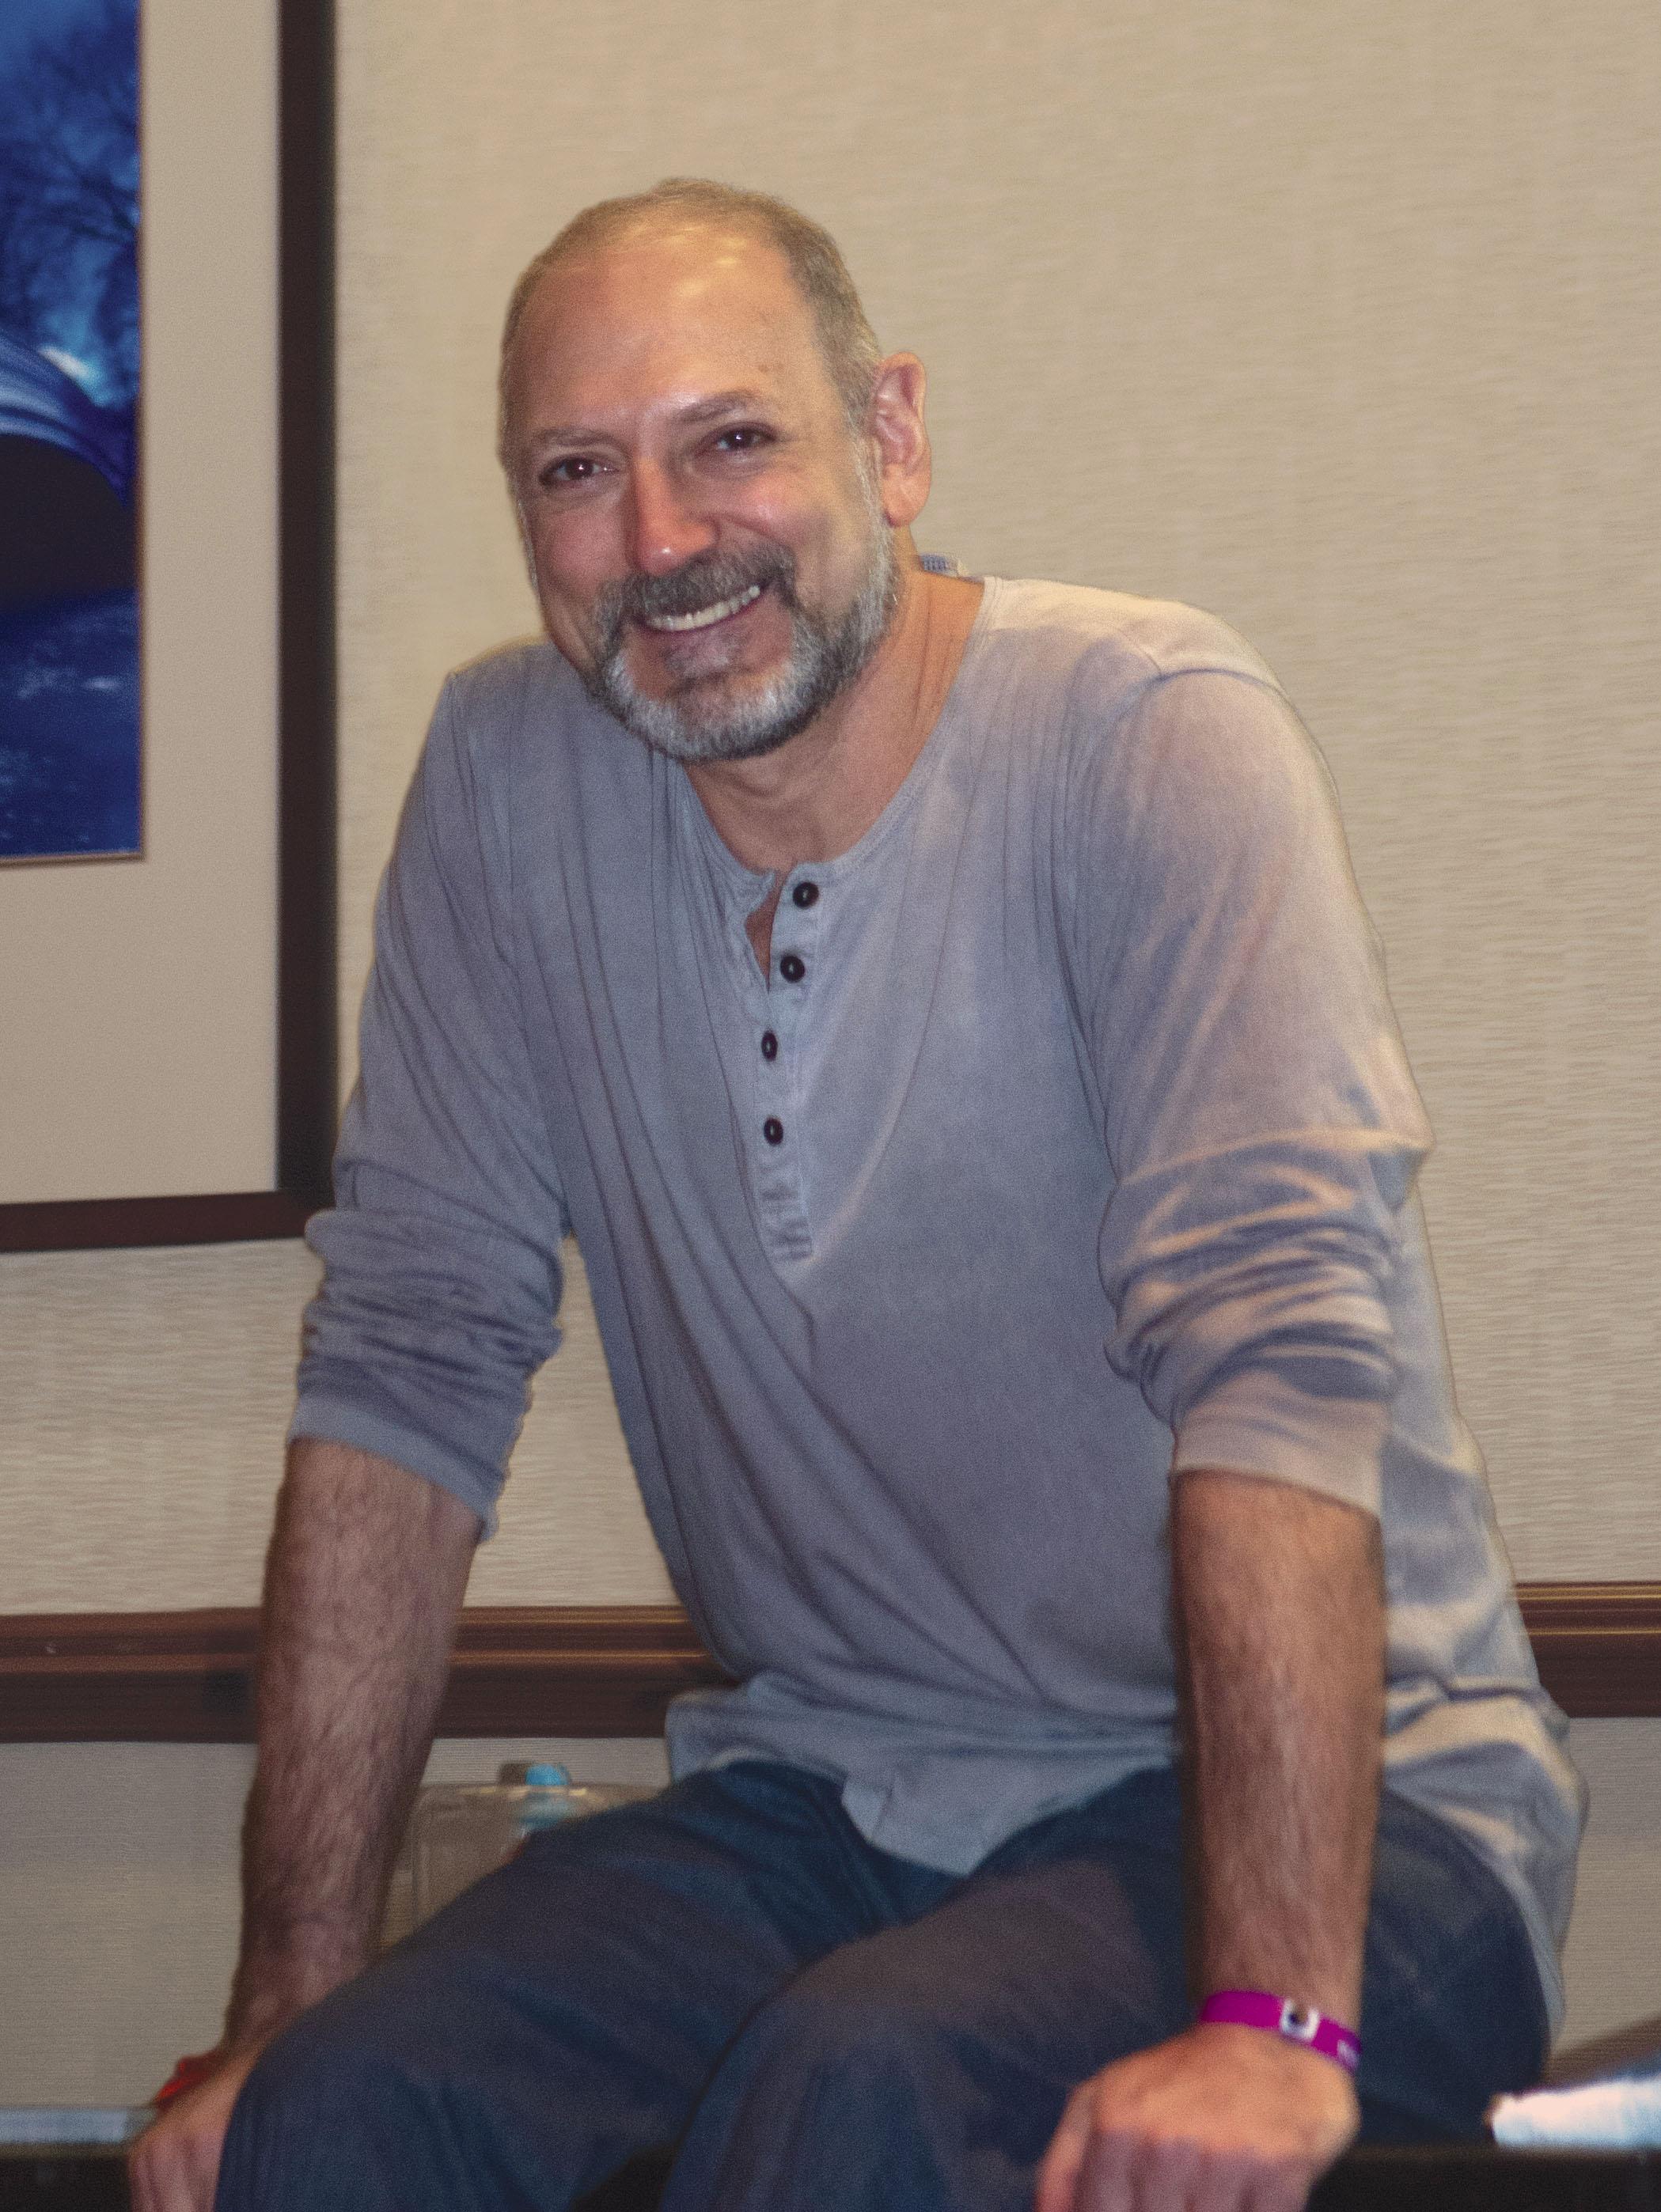 Leslie Kaminoff